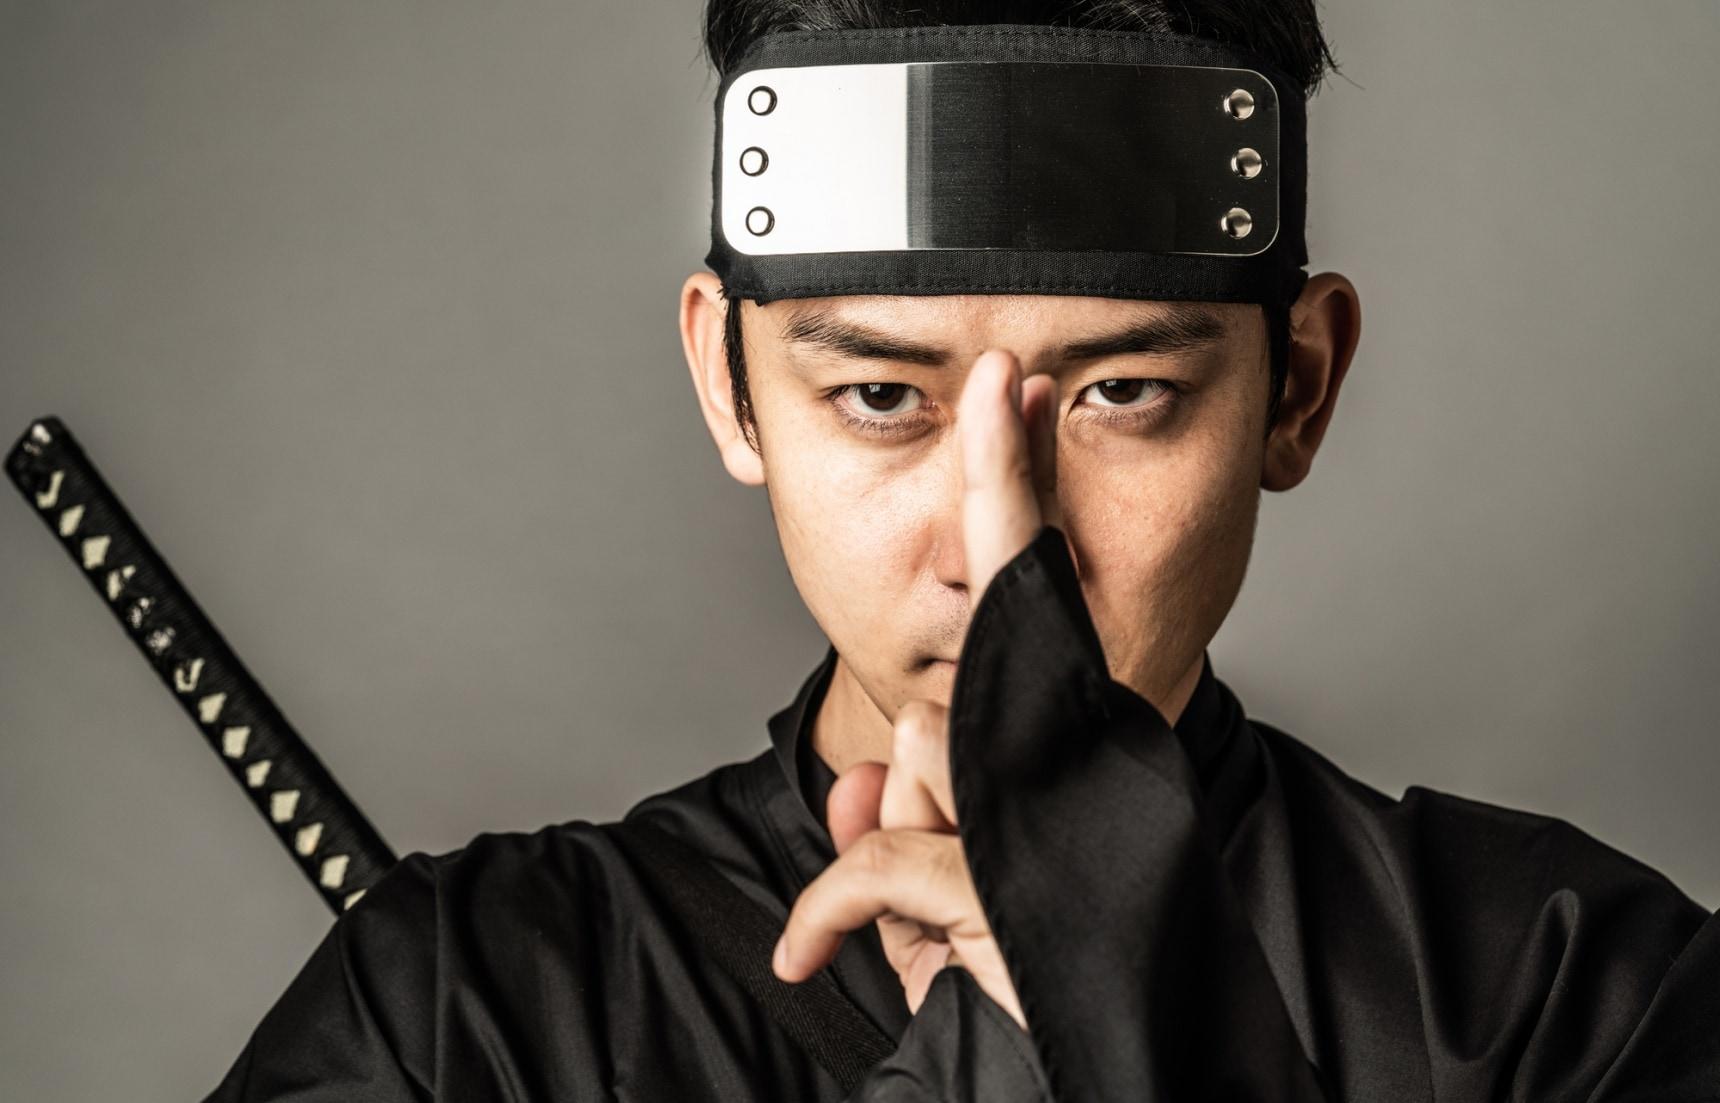 【深度日本】黑夜裡的隱身行者!揭開忍者的六個小秘密